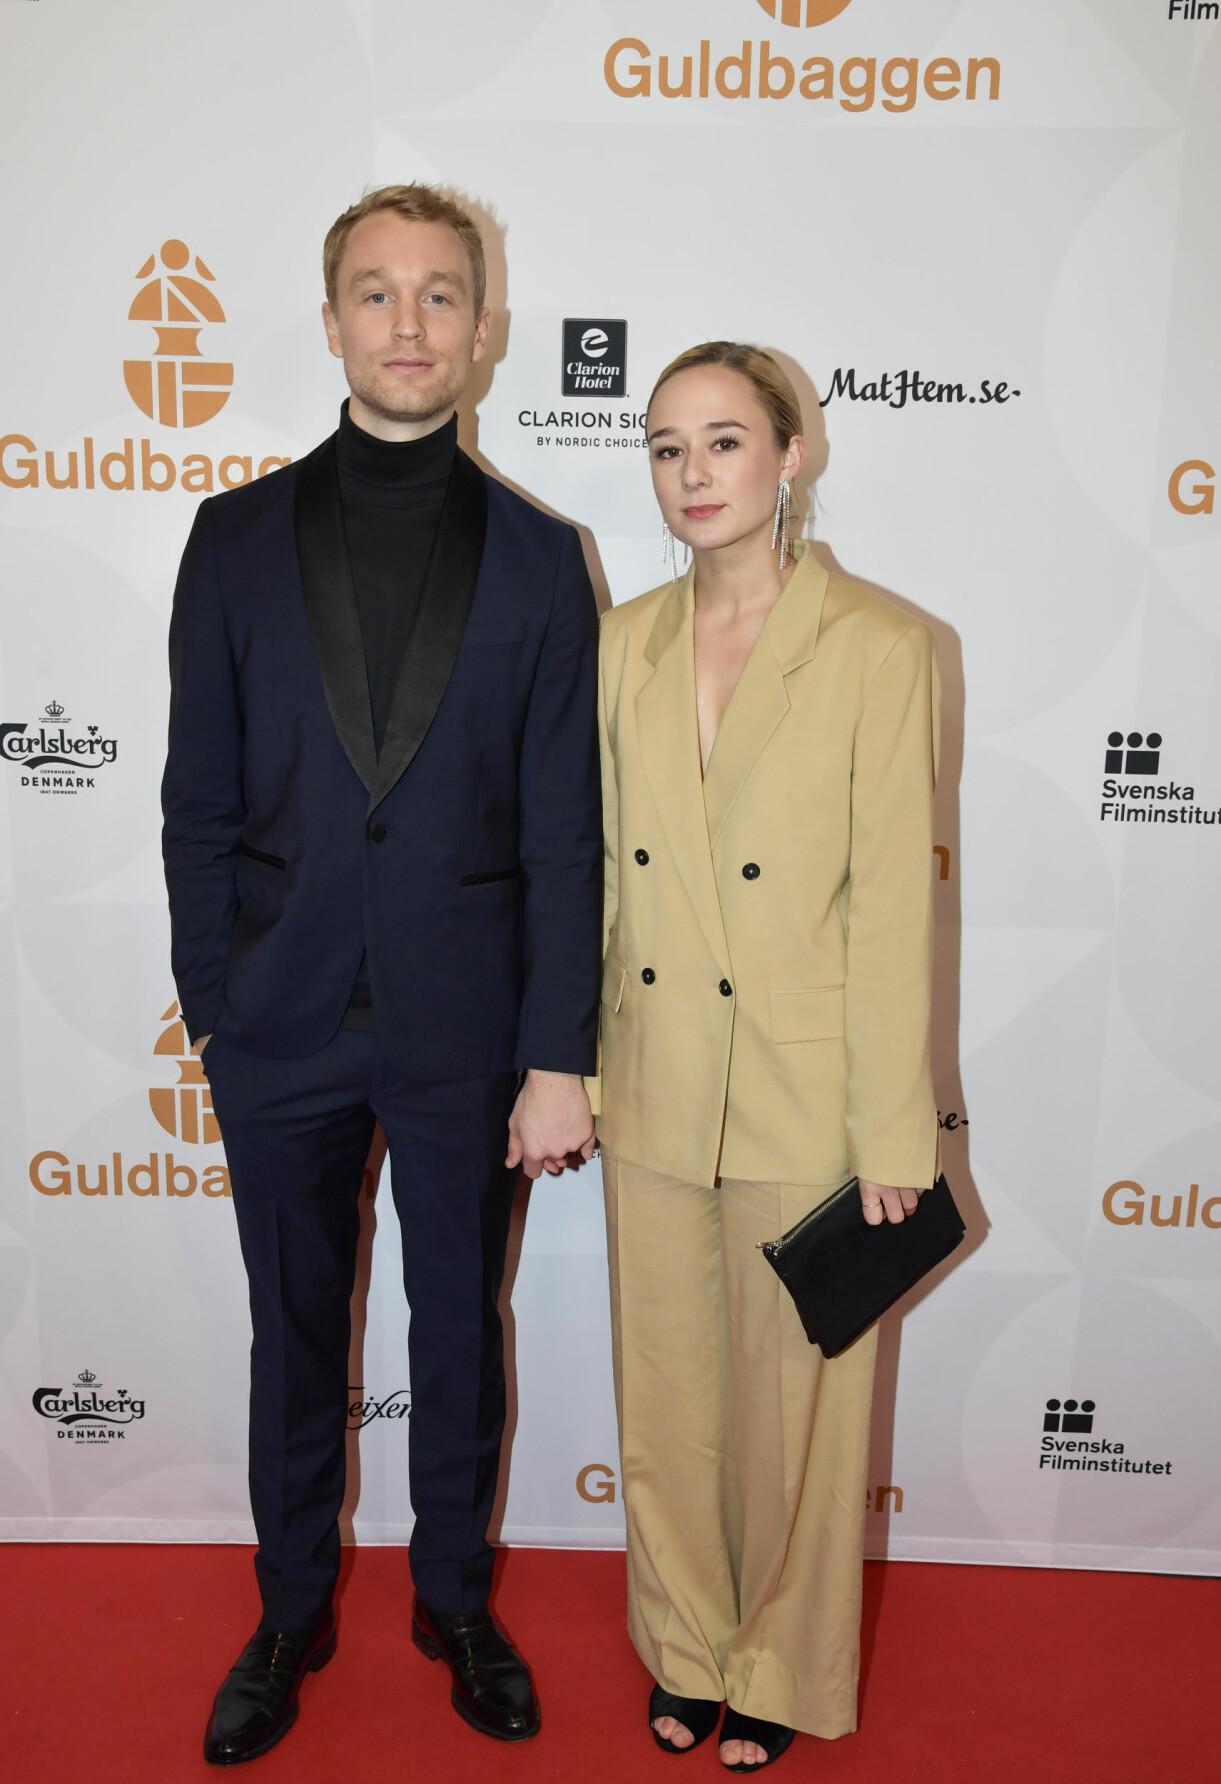 Björn Gustafsson och Alba August på Guldbaggegalan 2019.